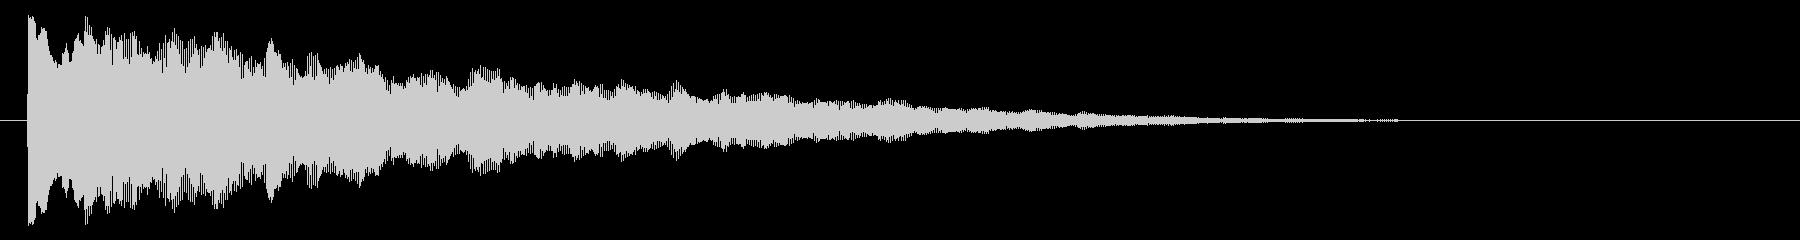 キラーン/決定/星_04の未再生の波形